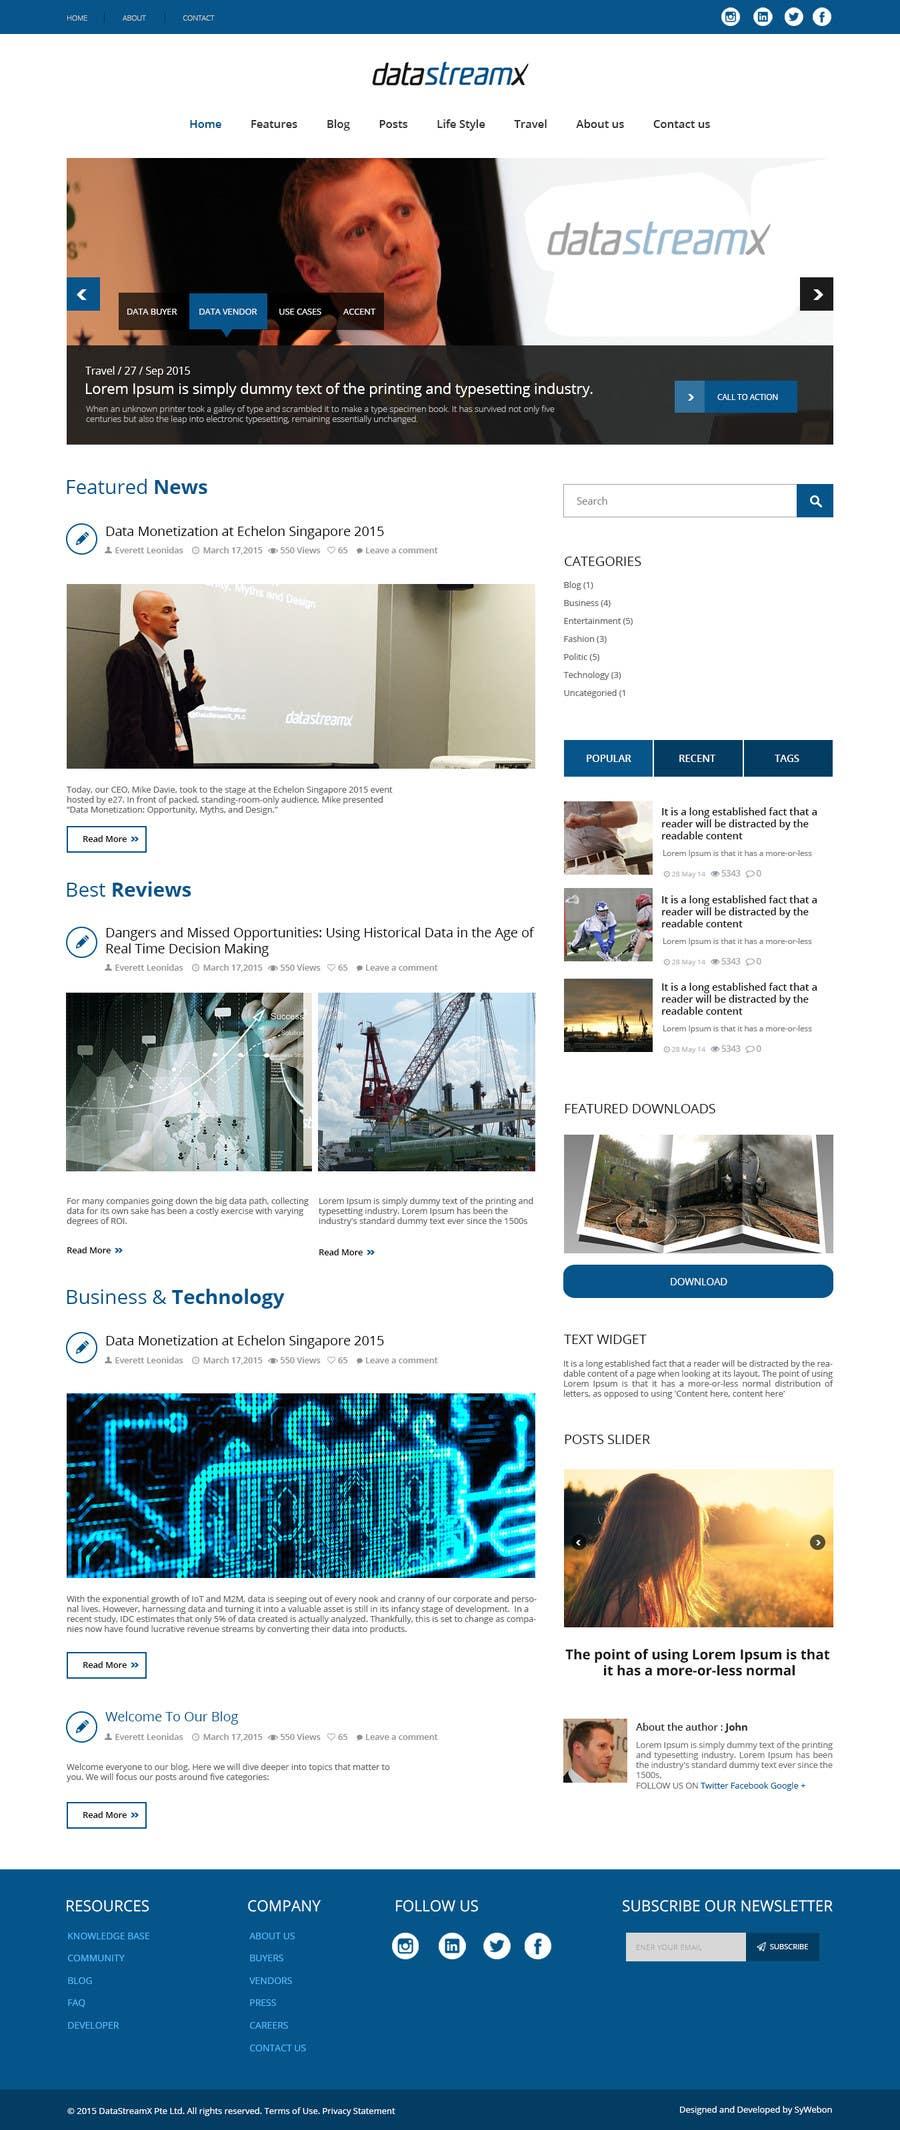 Penyertaan Peraduan #18 untuk Design a Website Mockup for Blog & Landing Page Template